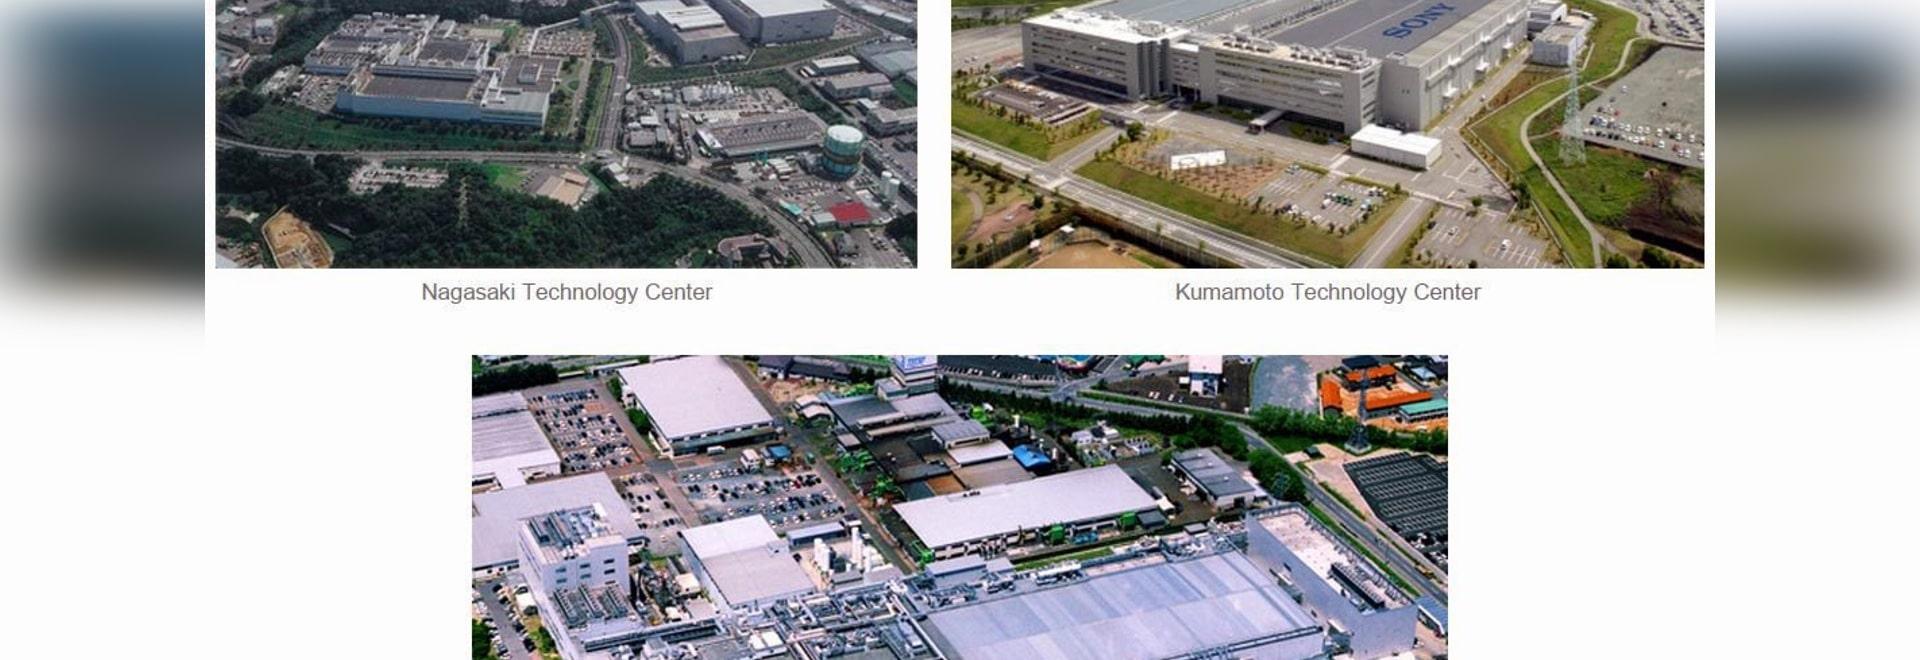 Sony-Zunahme-Produktionskapazität für Staplungs-CMOS-Sensoren